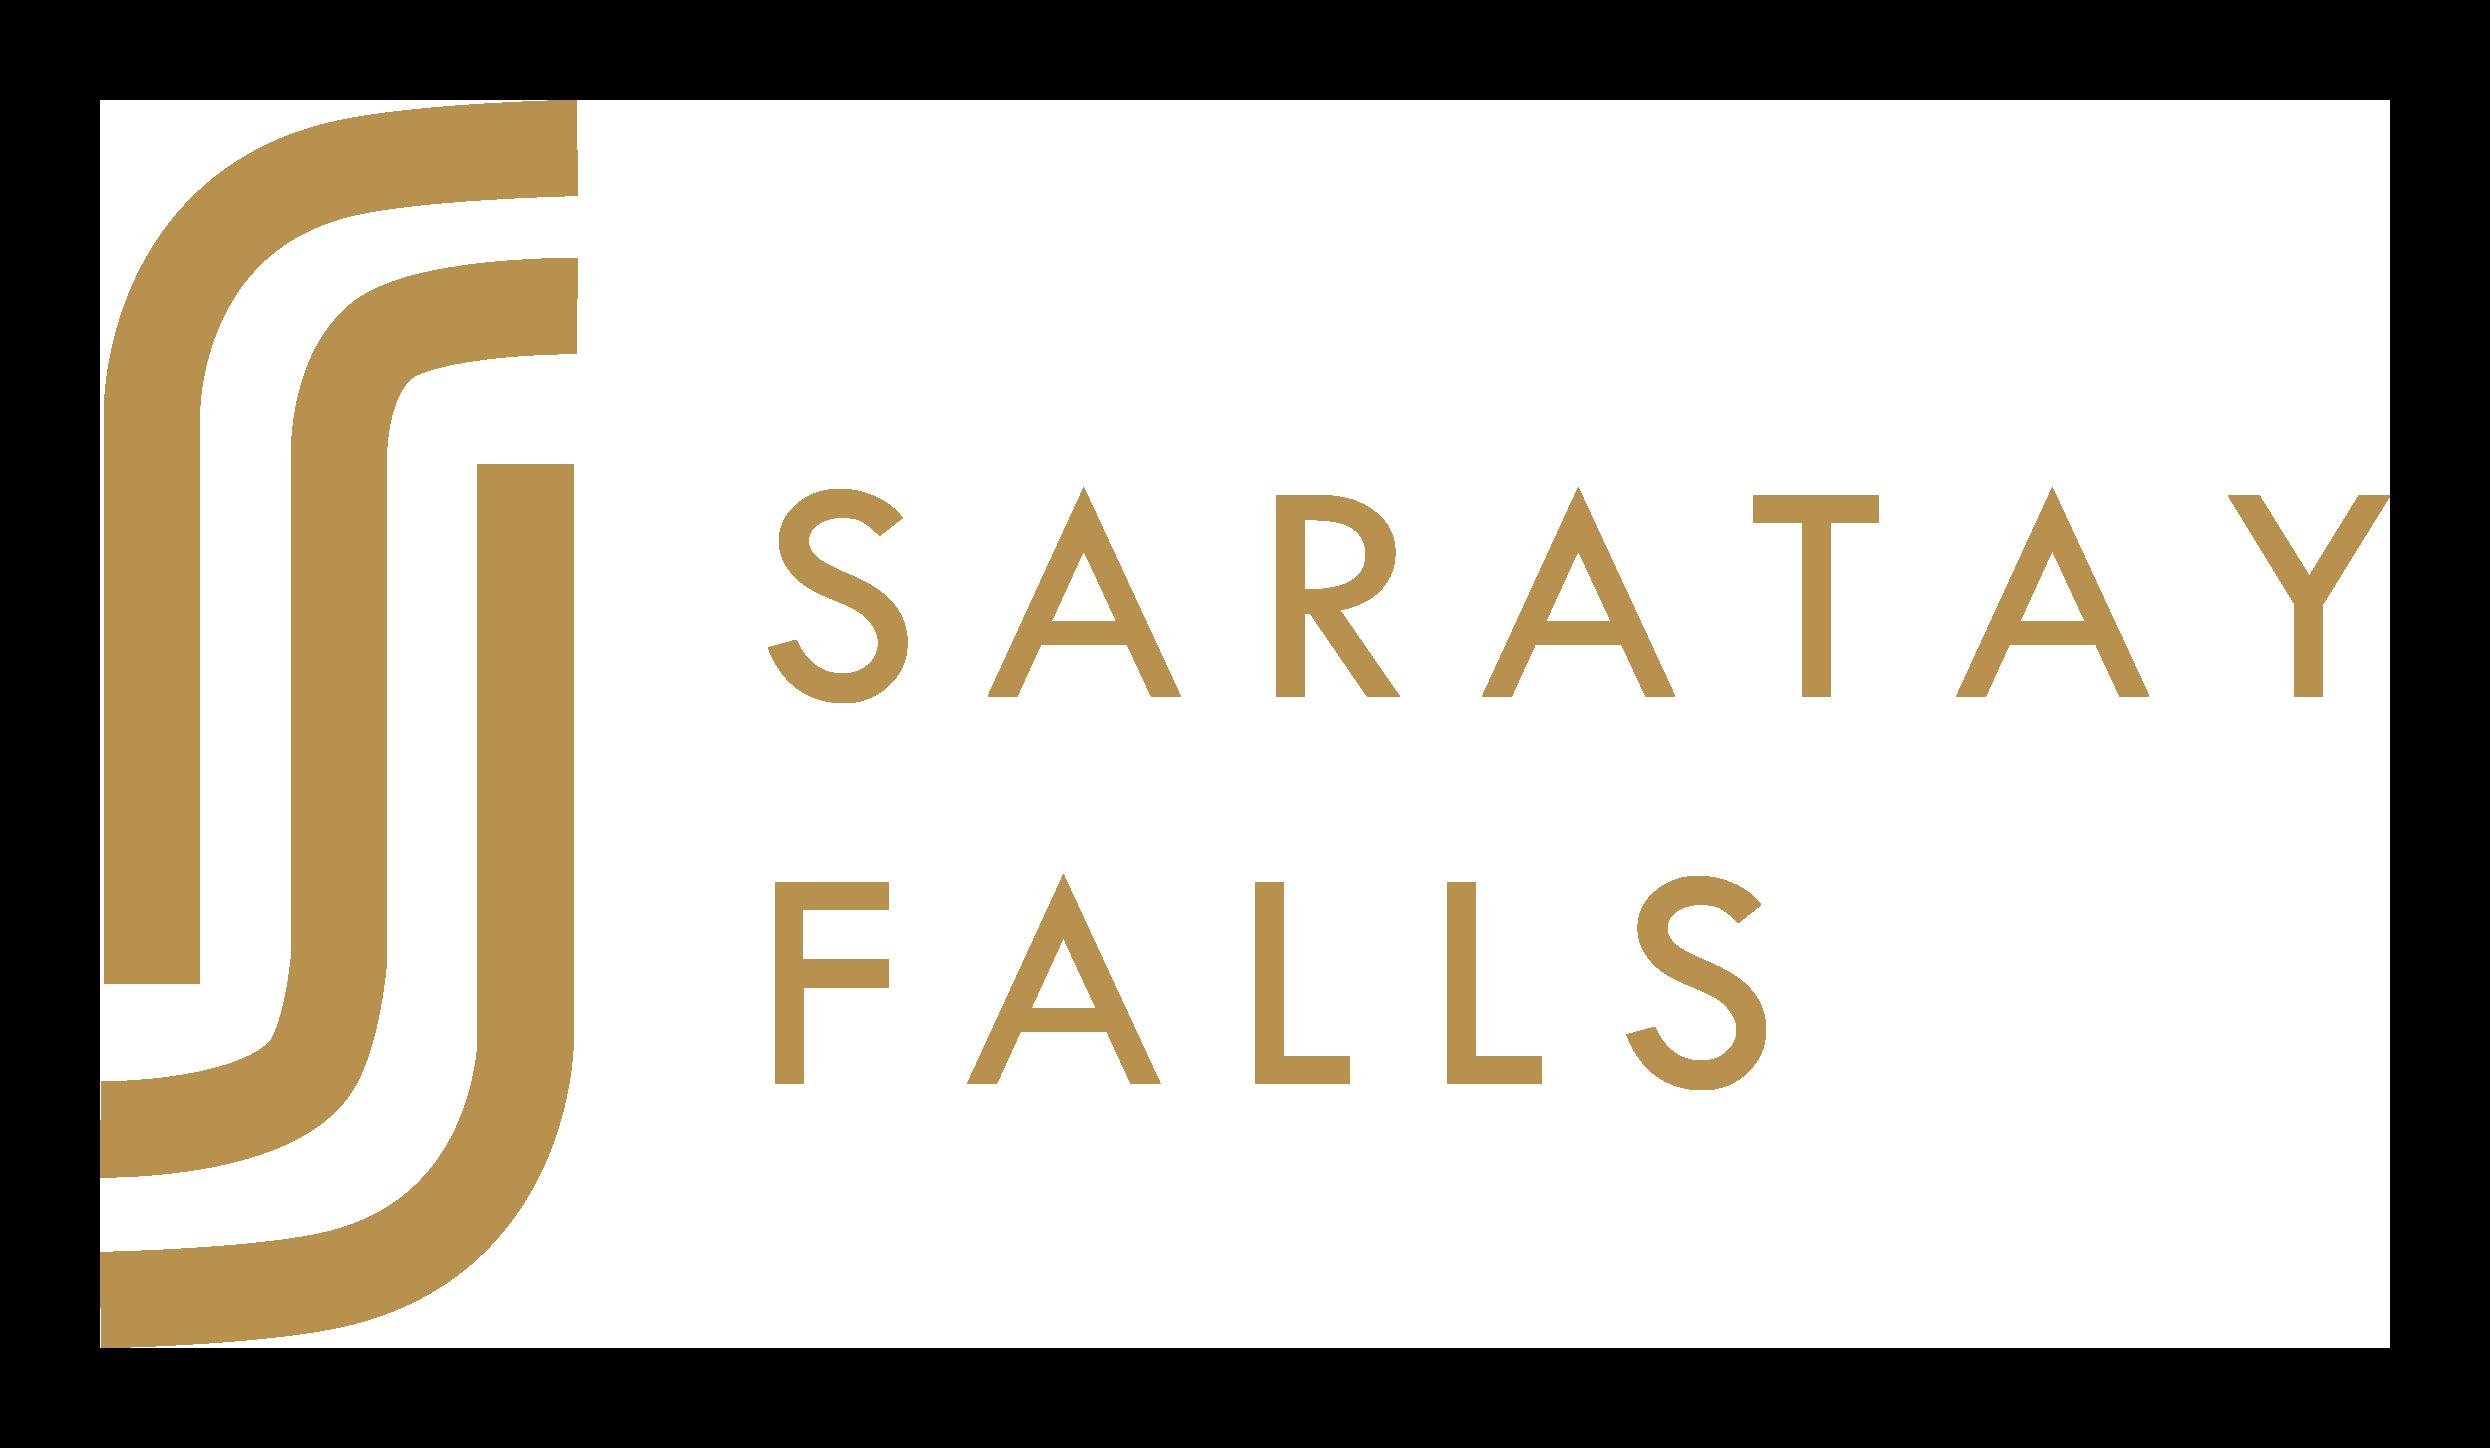 saratay-falls-logo